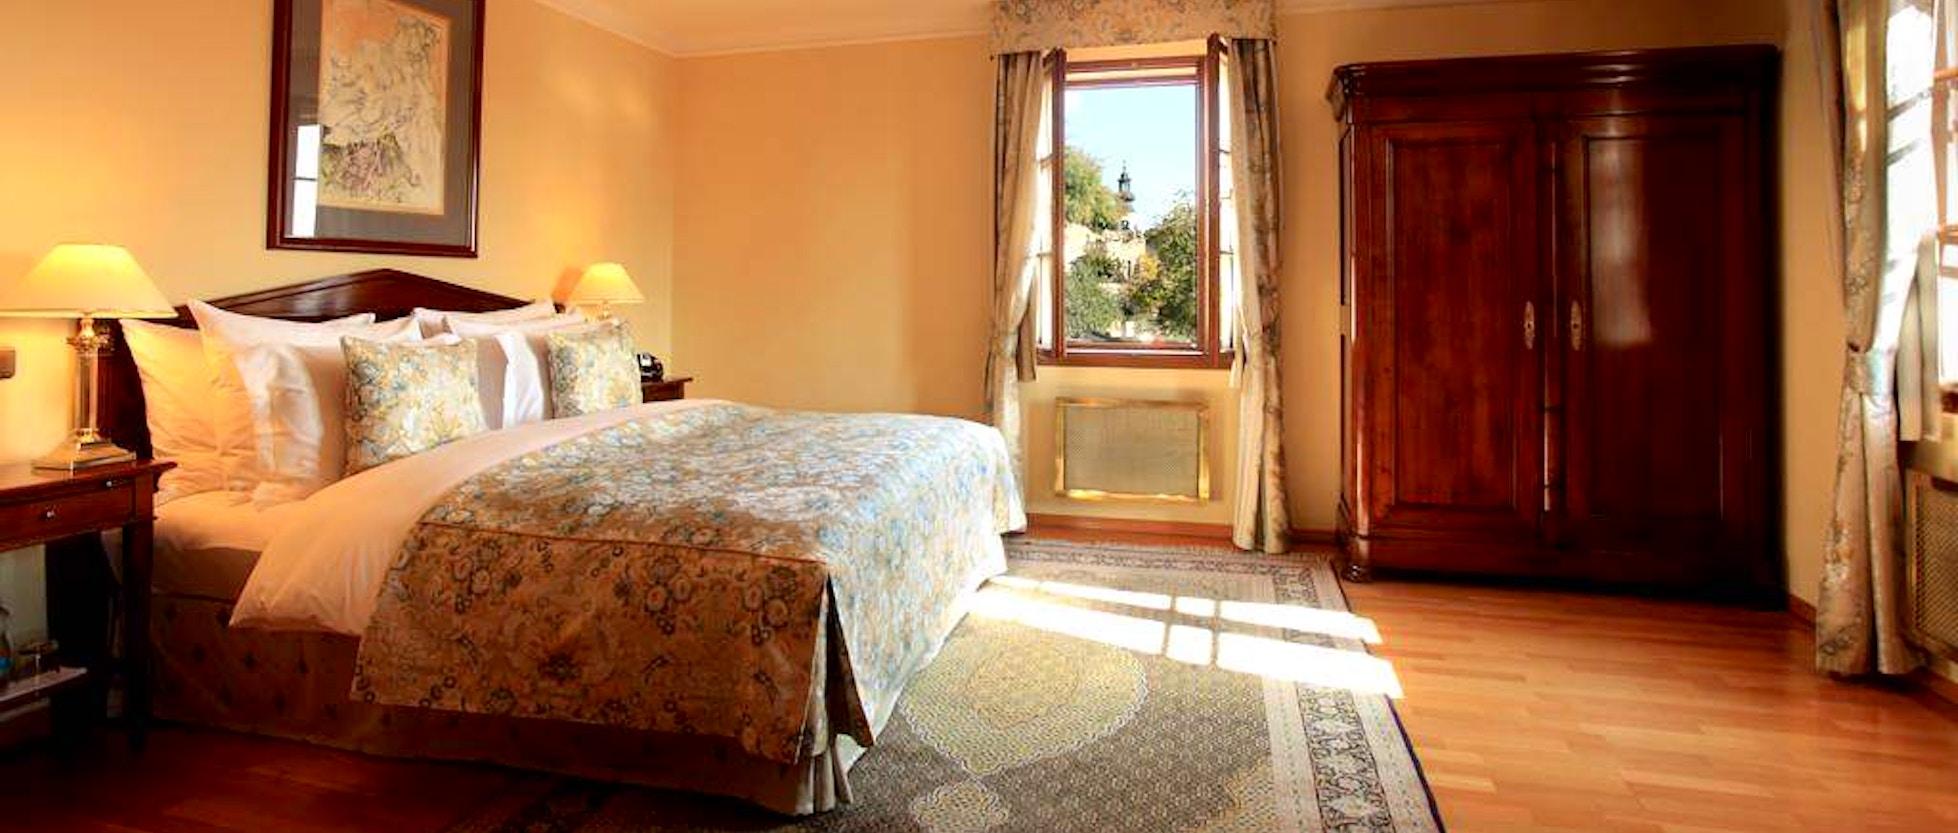 Dove dormire a Praga: 10 Hotel in centro | VIVI Praga